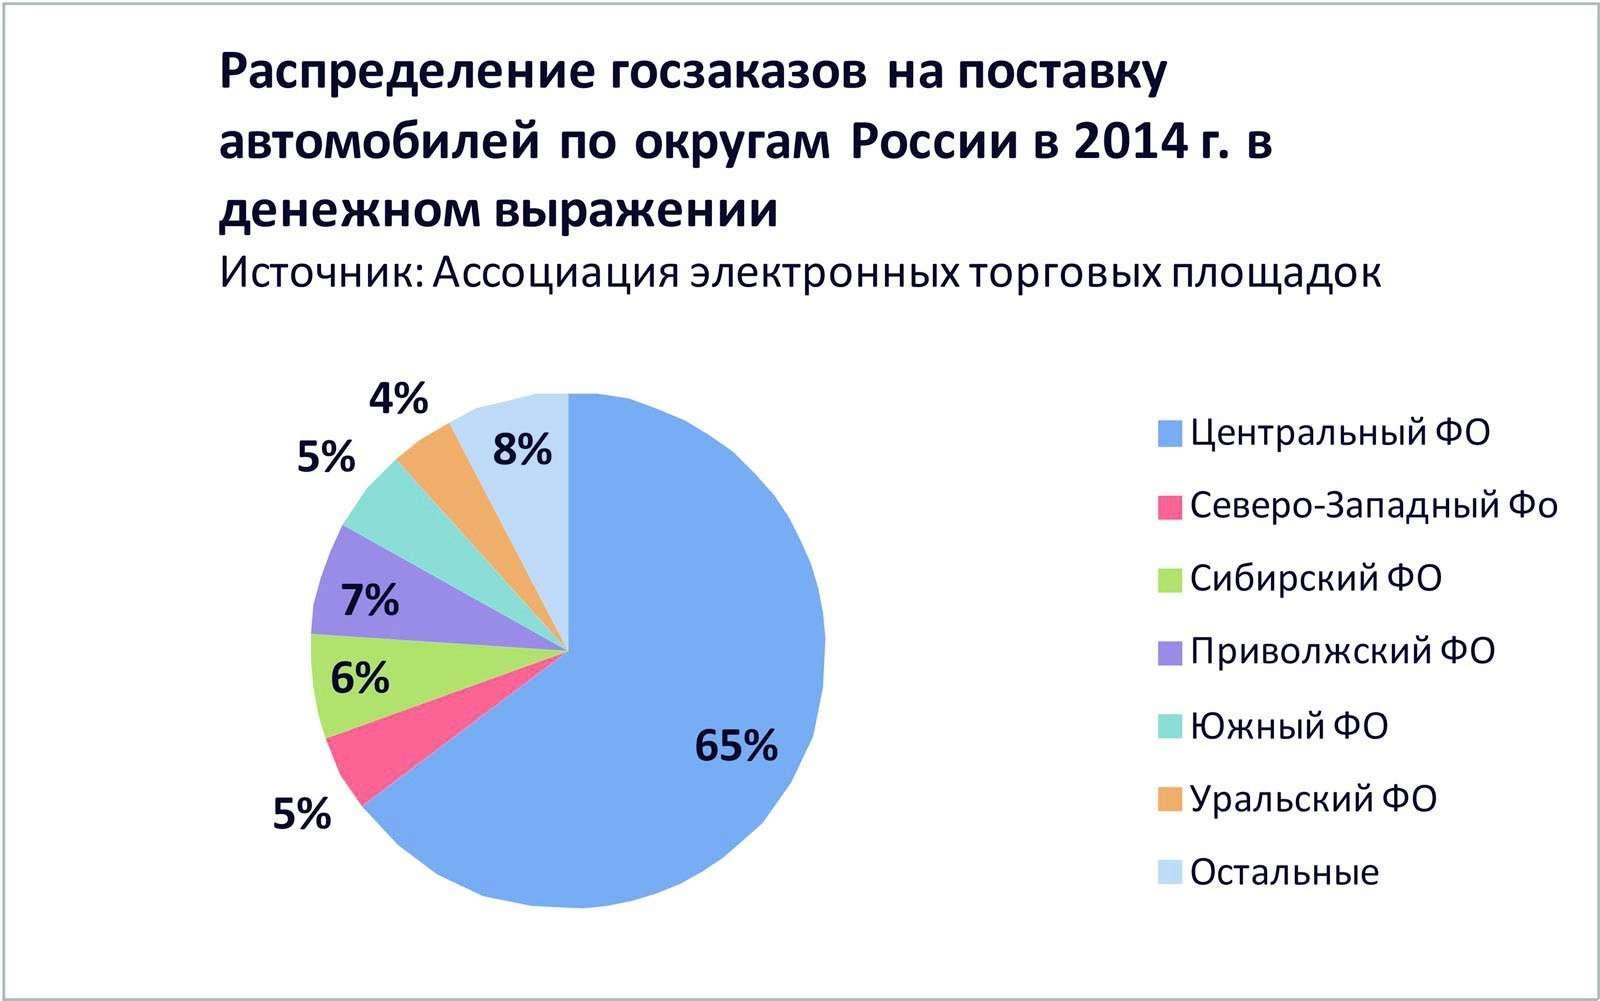 График_4 Распределение госзаказов напоставку автомобилей поокругам России в2014г. вденежном выражении